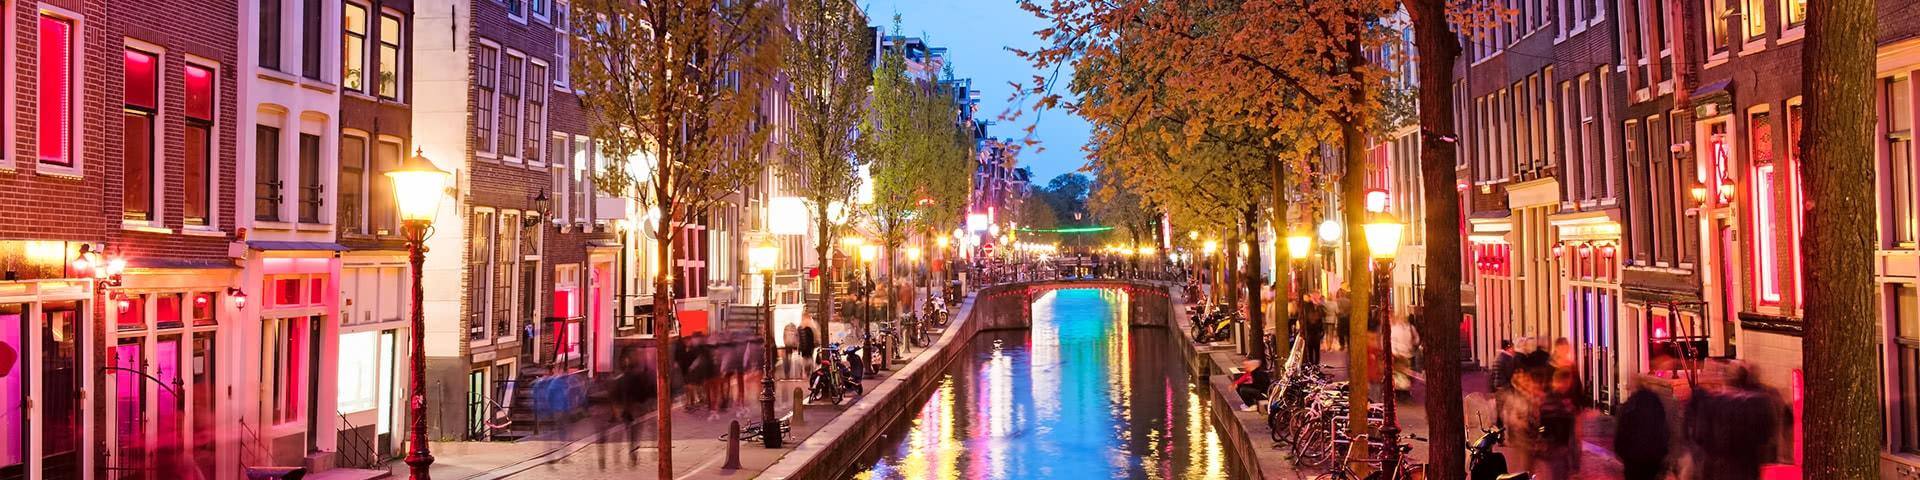 Amsterdam Rotlichtviertel bei Dämmerung